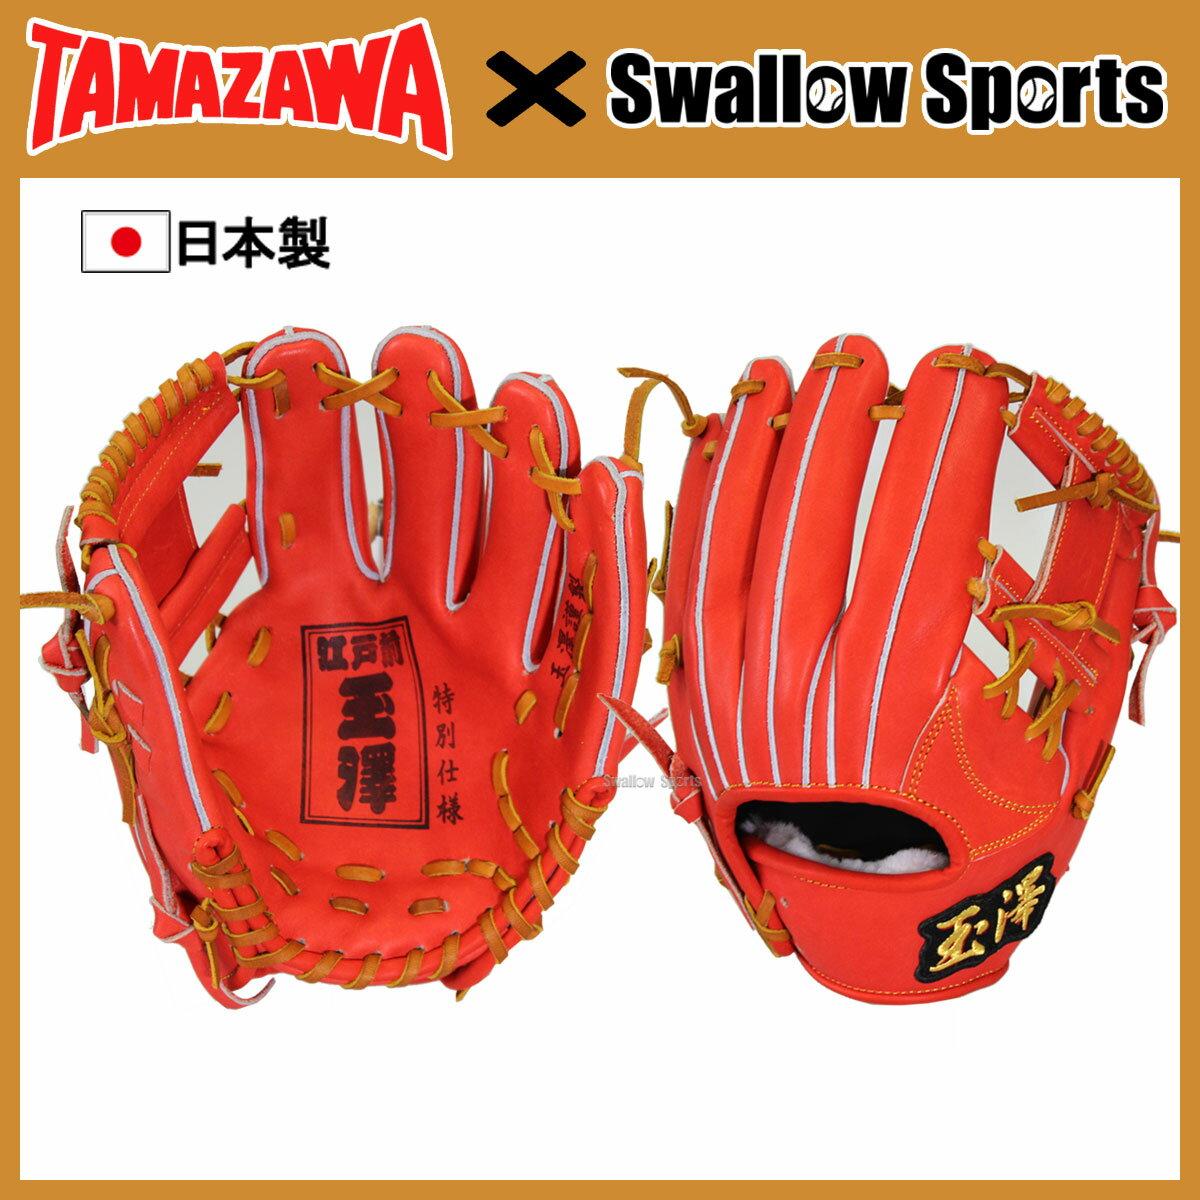 【あす楽対応】 玉澤 タマザワ スワロー限定 カンタマ 硬式グローブ グラブ 内野手用 小型 グローブ TMZW-K2SW グローブ グラブ グローブ 硬式用 野球用品 スワロースポーツ